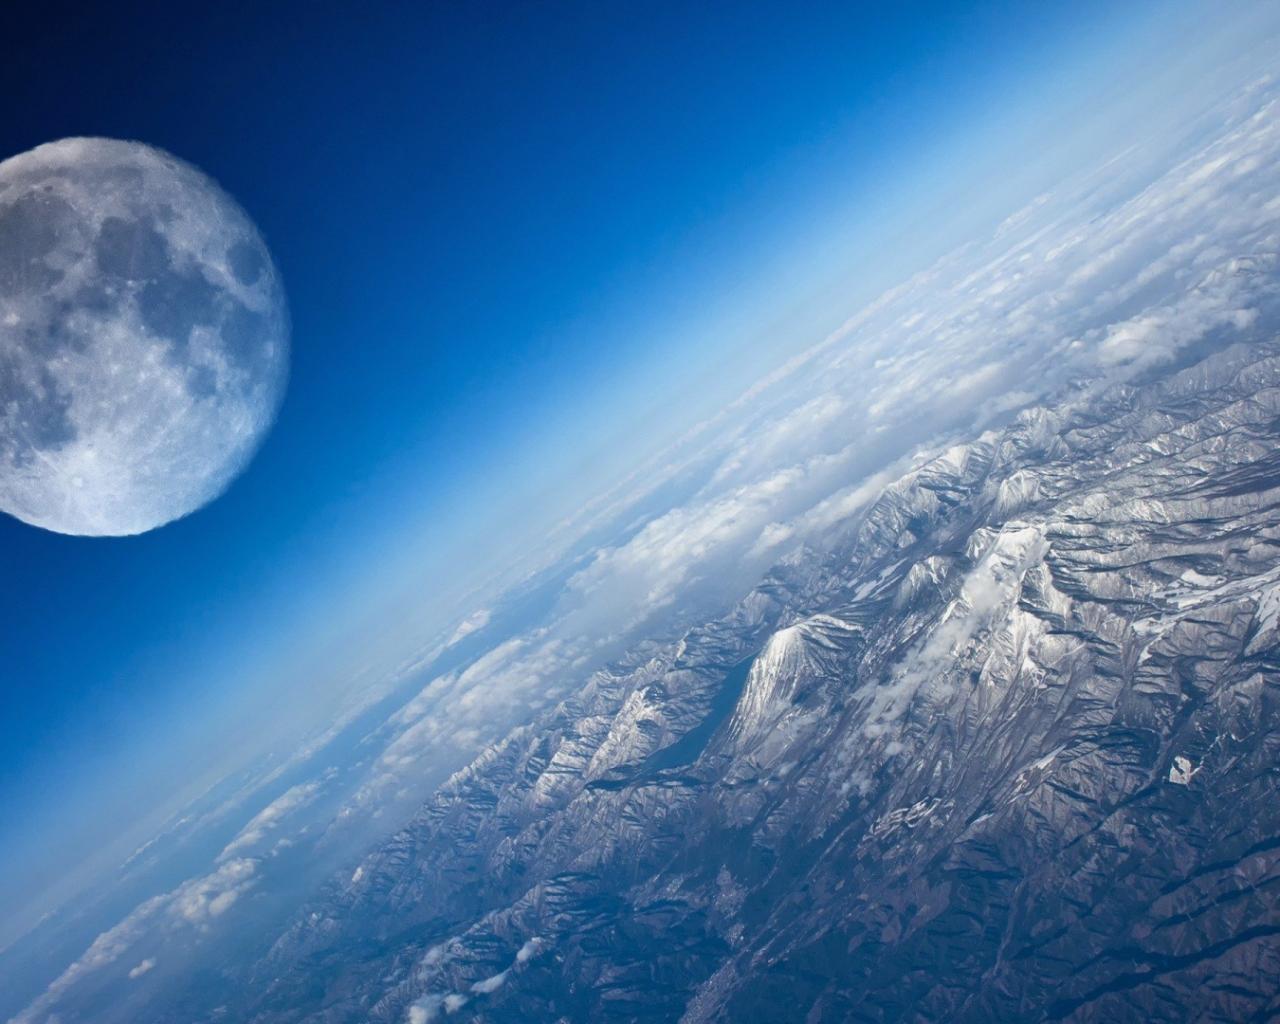 Фотографии земли из космоса высокого разрешения